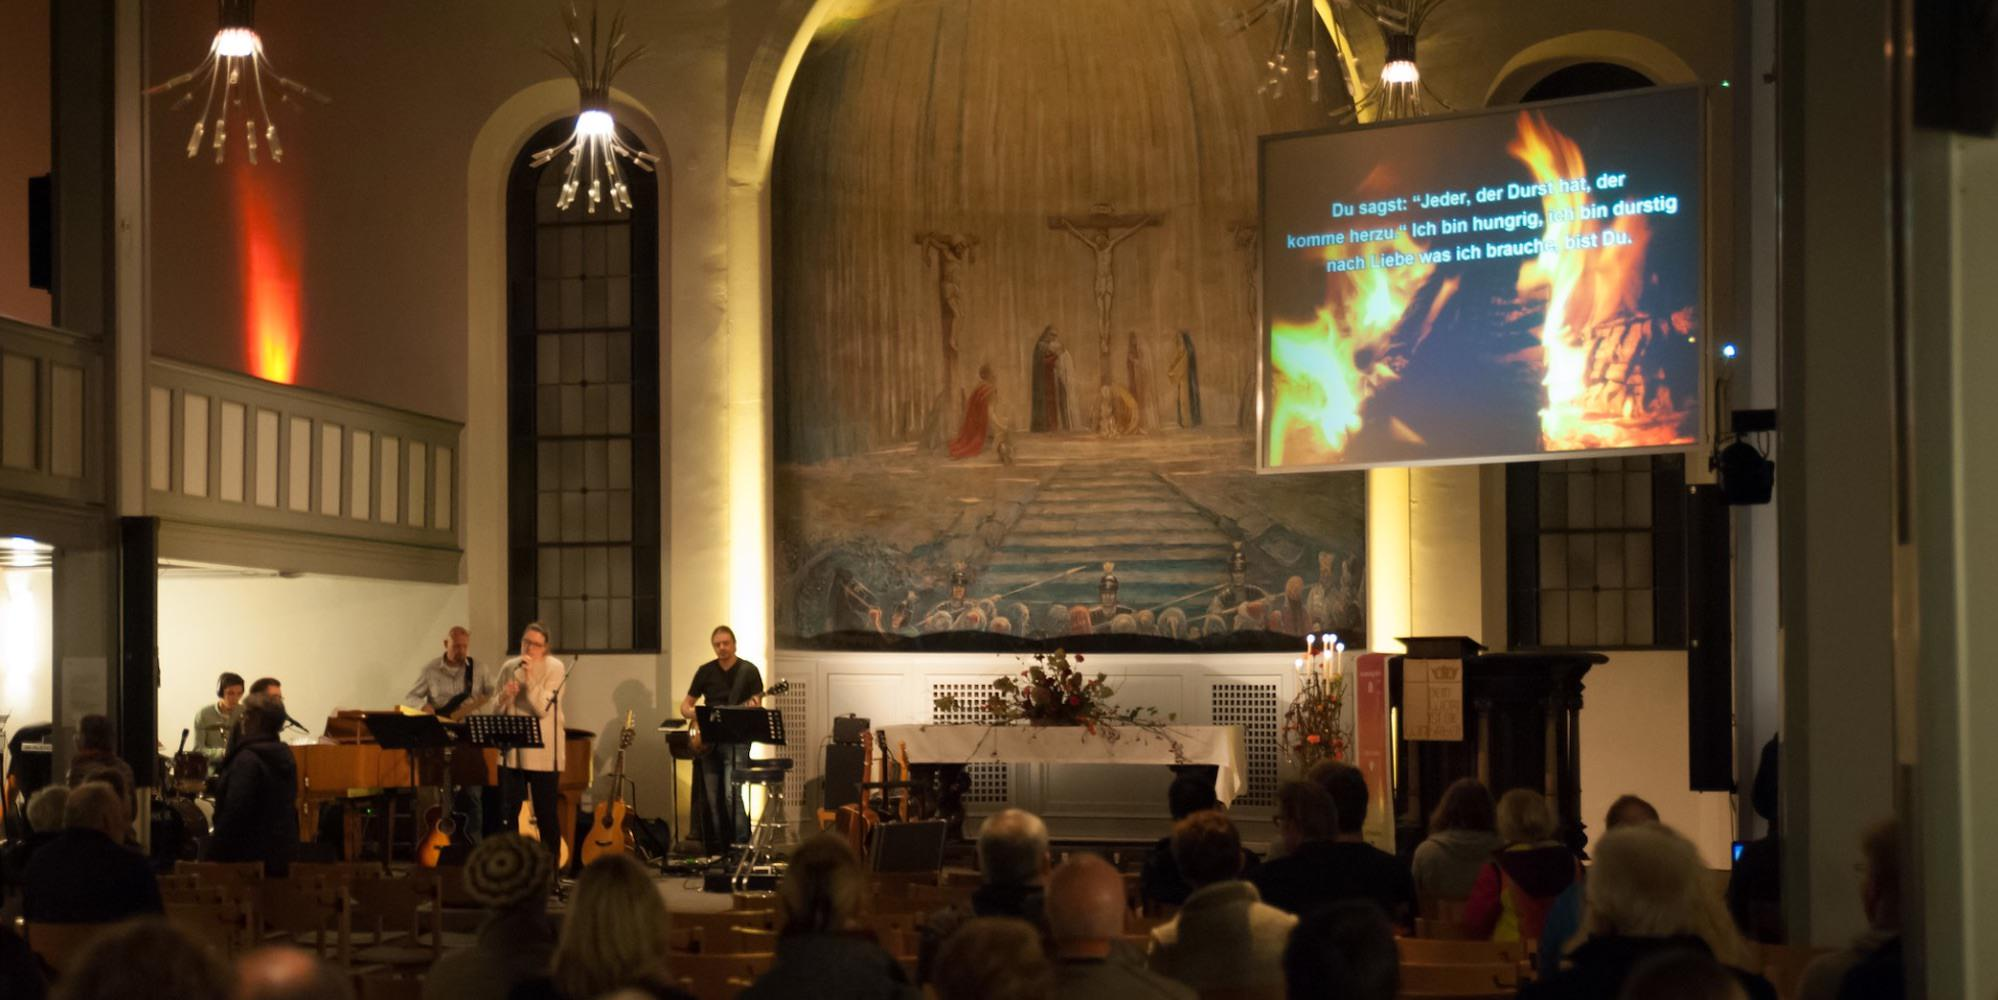 Kirche St. Pauli nachts